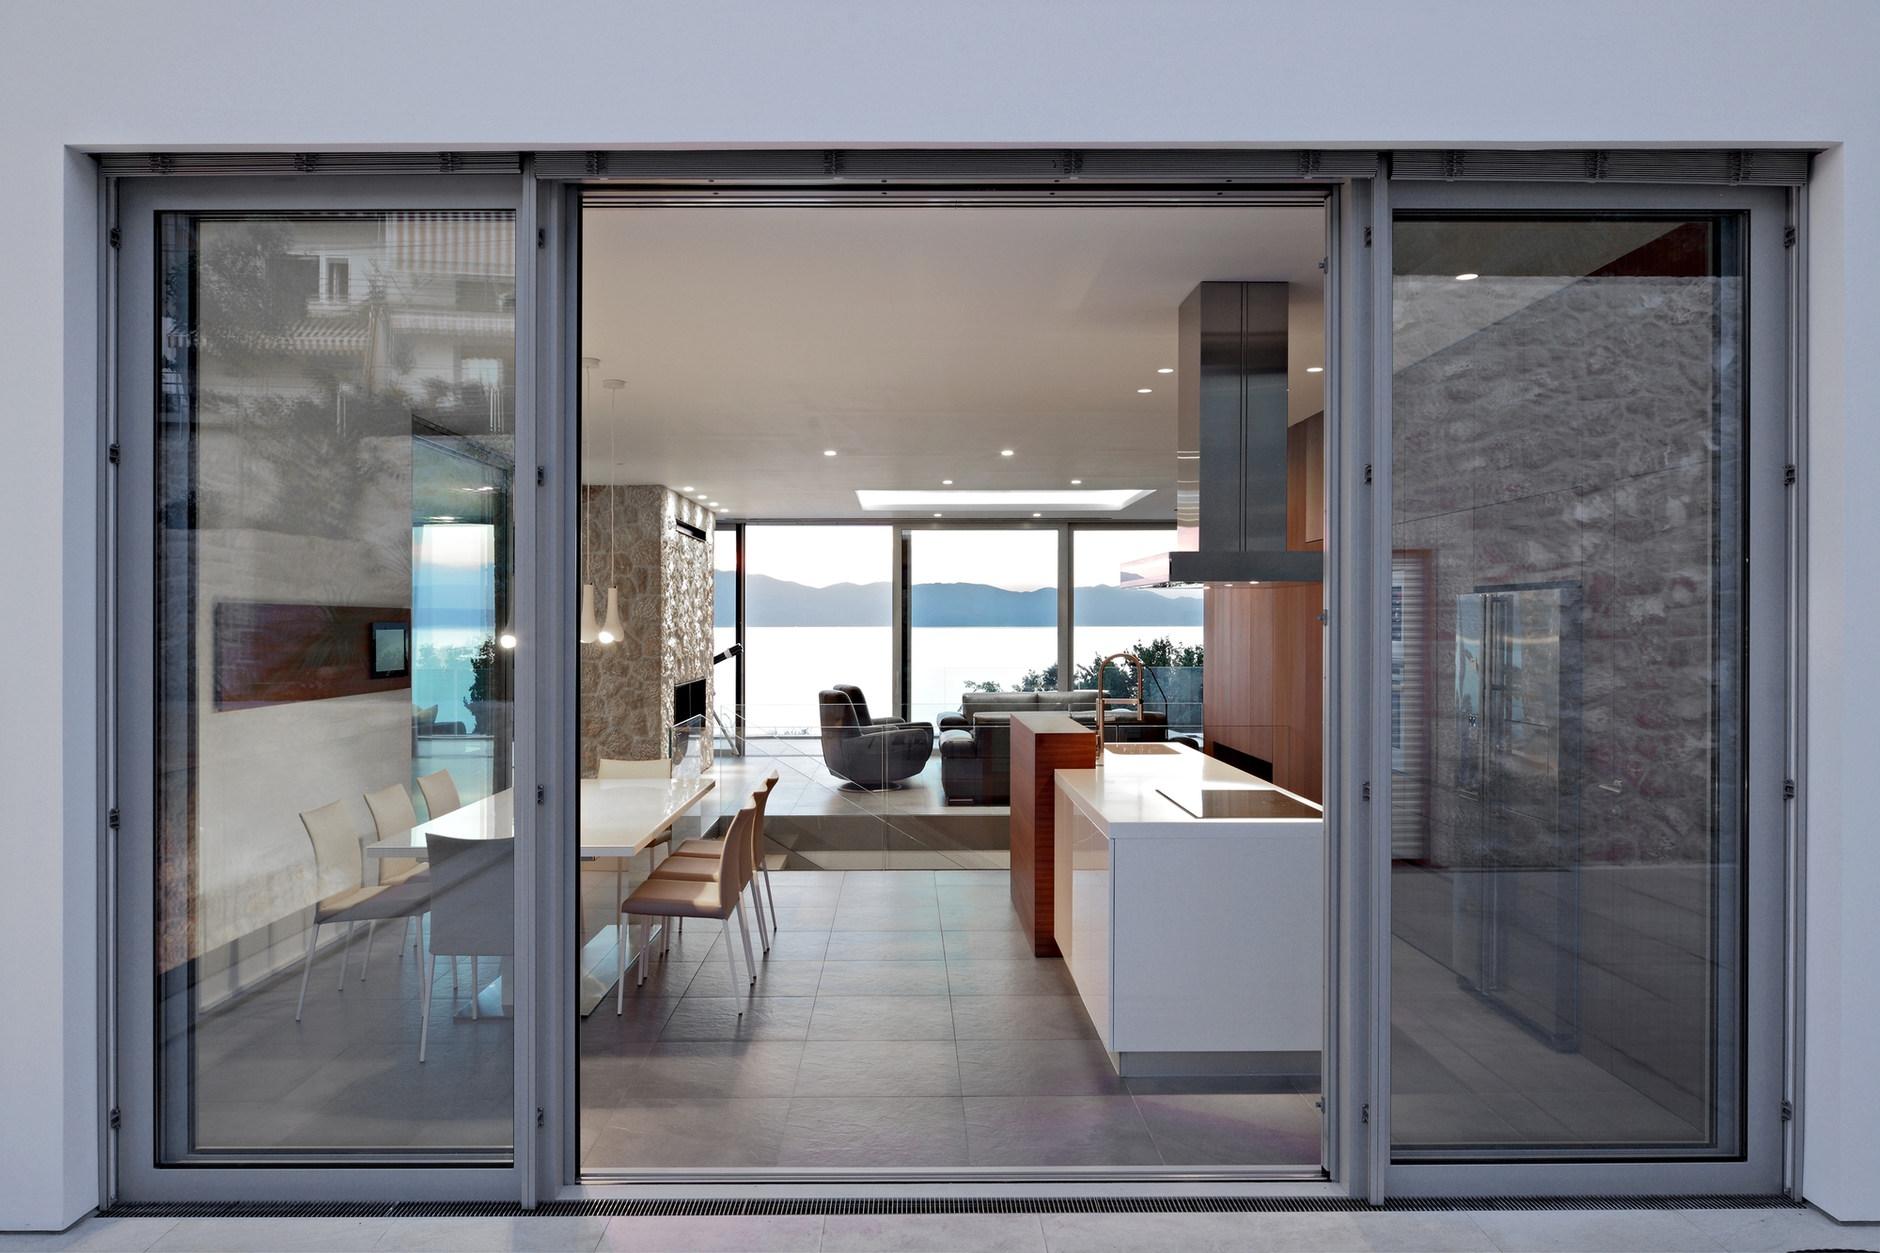 House On Krk Island By Dva Arhitekta Karmatrendz